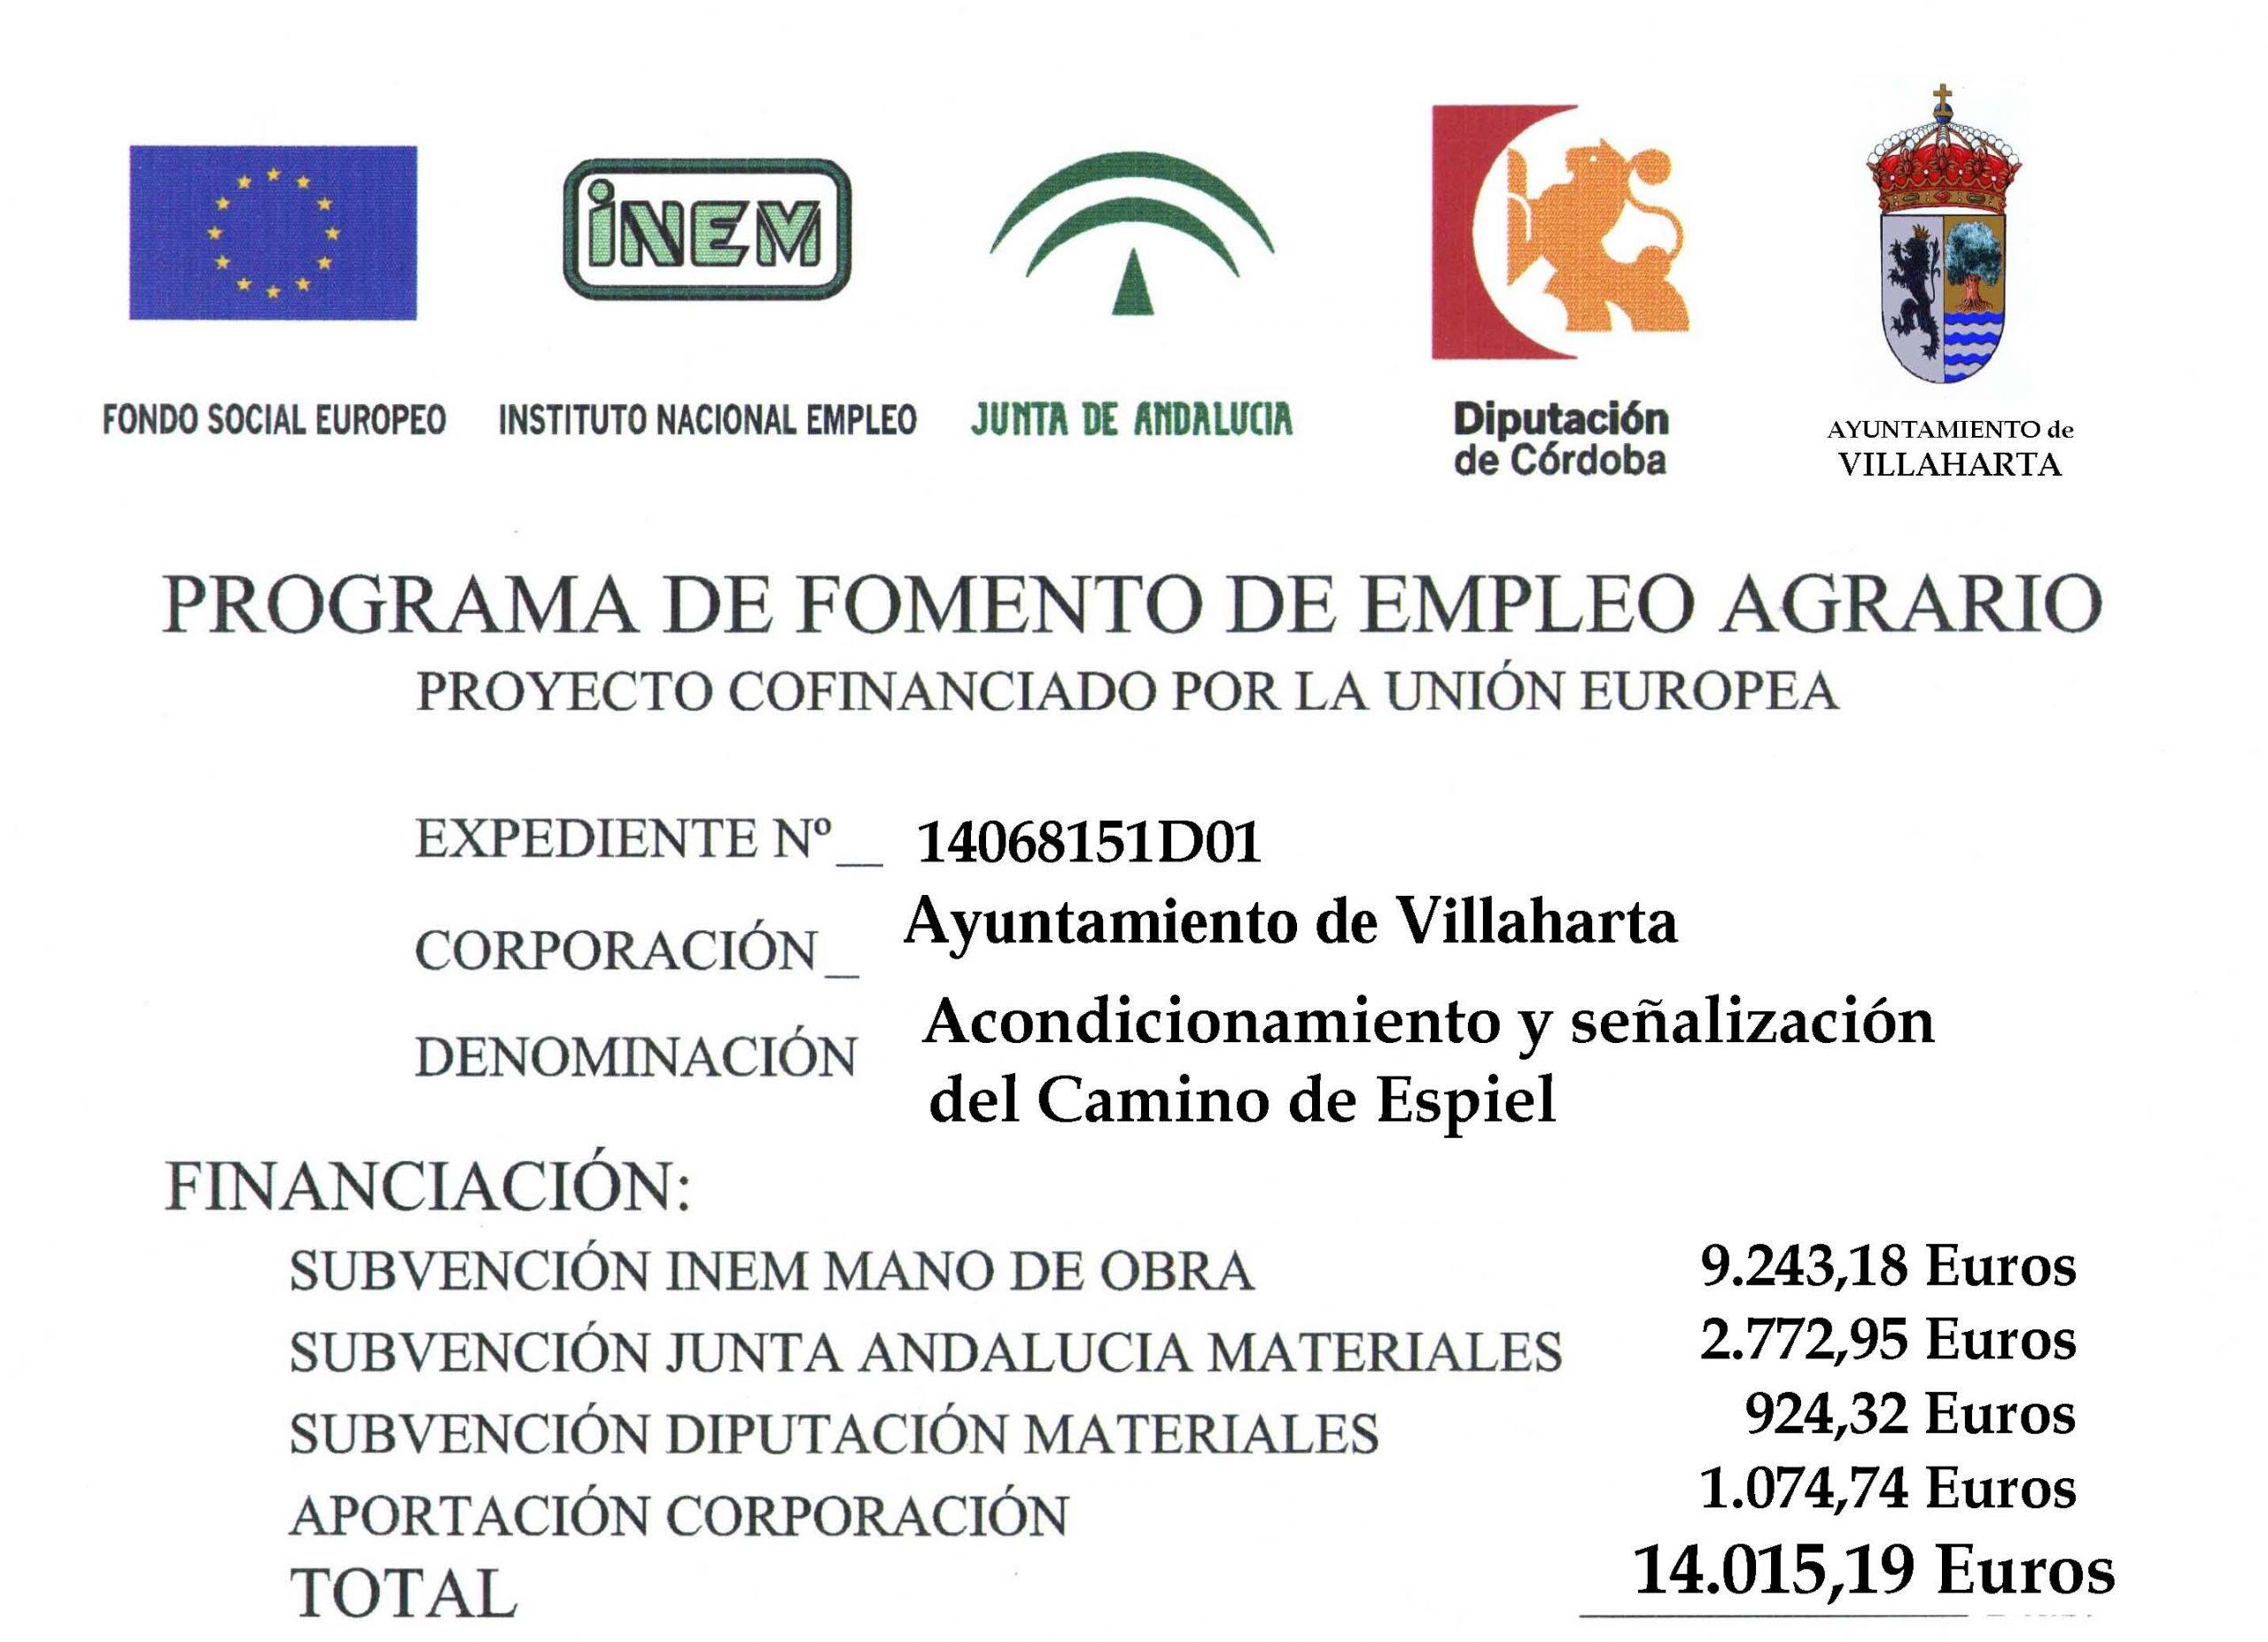 SUBVENCIONES RECIBIDAS. 2015 2